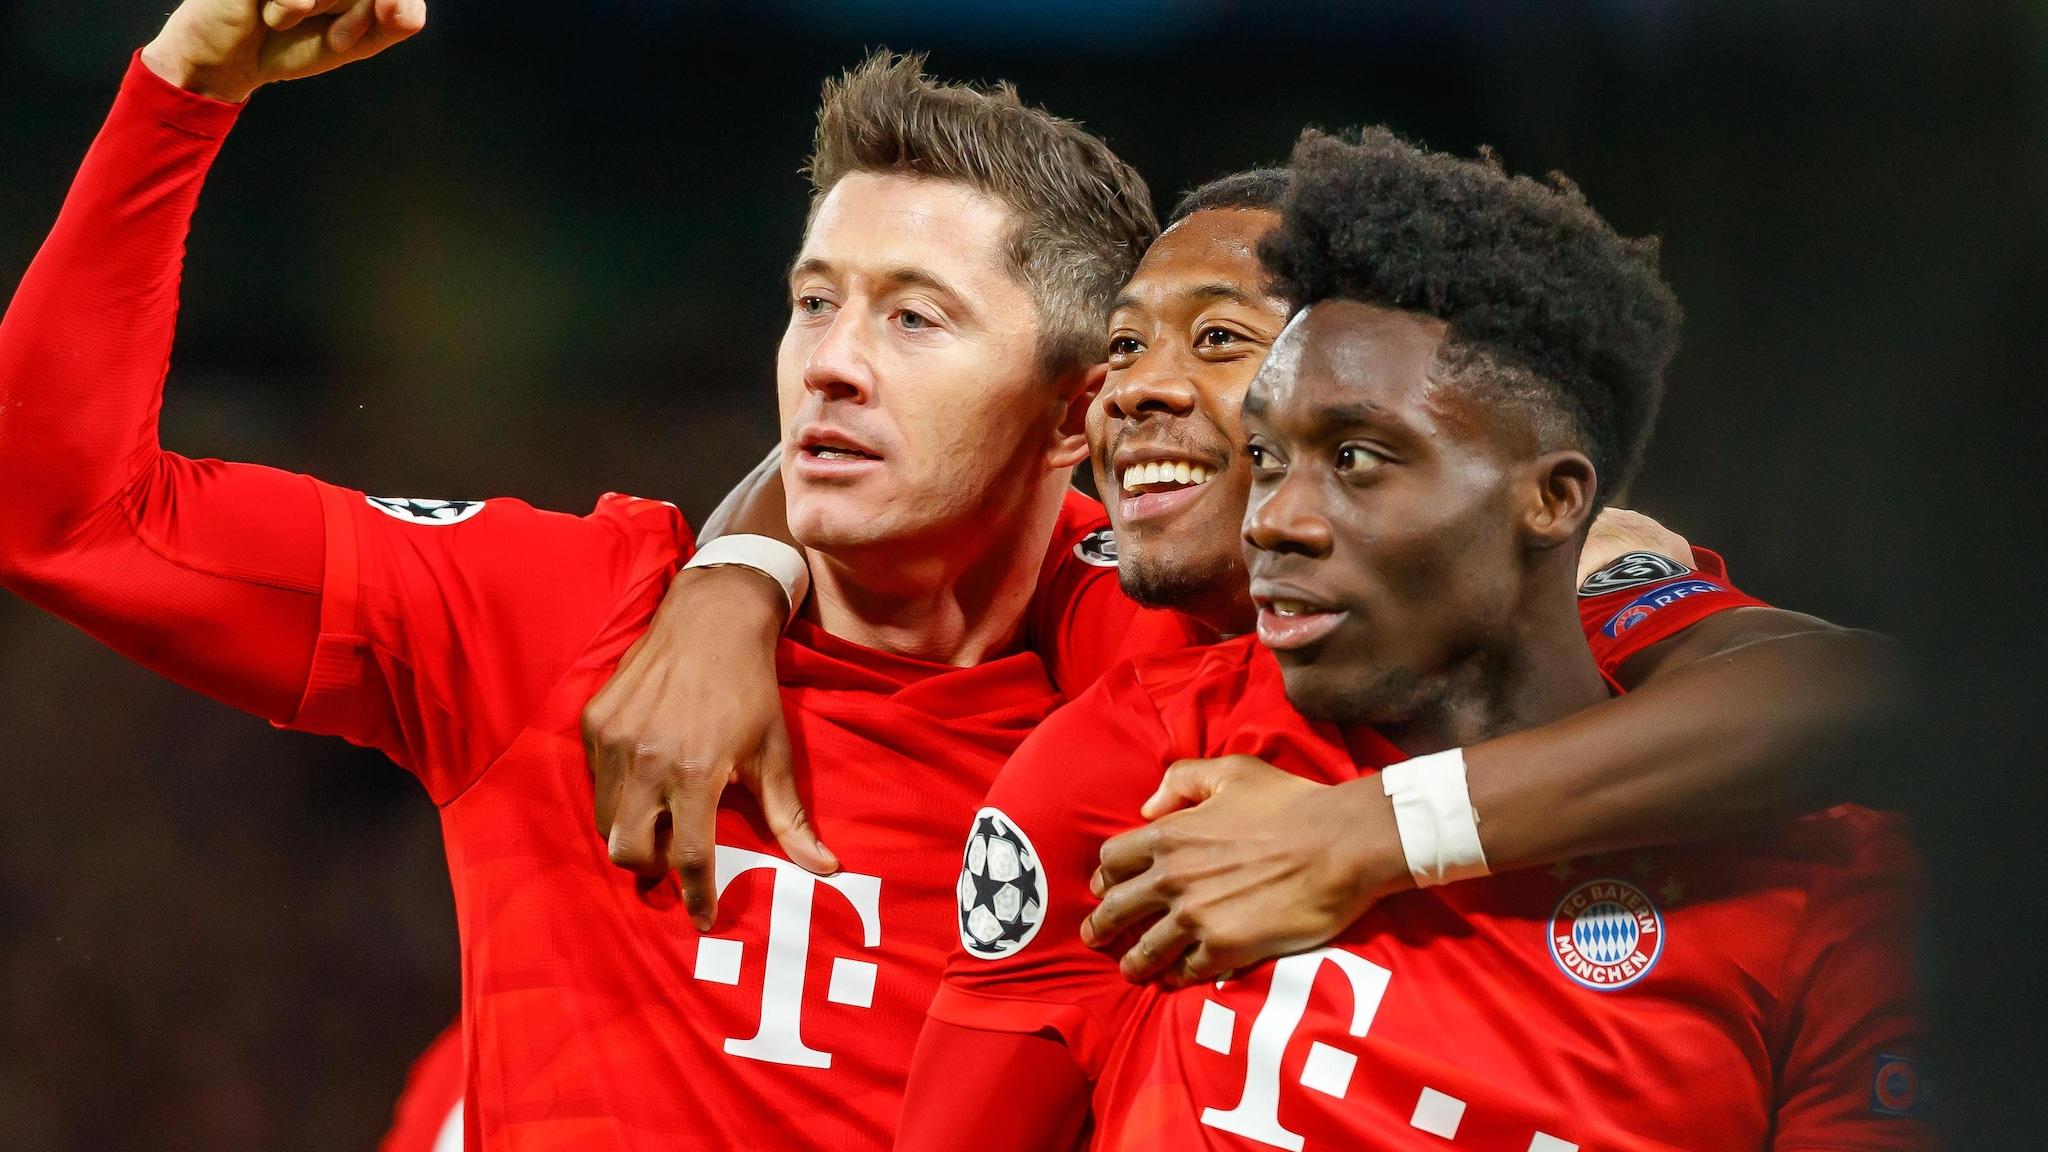 Champions League 2019/20: Todo lo ocurrido hasta ahora | UEFA Champions League | UEFA.com